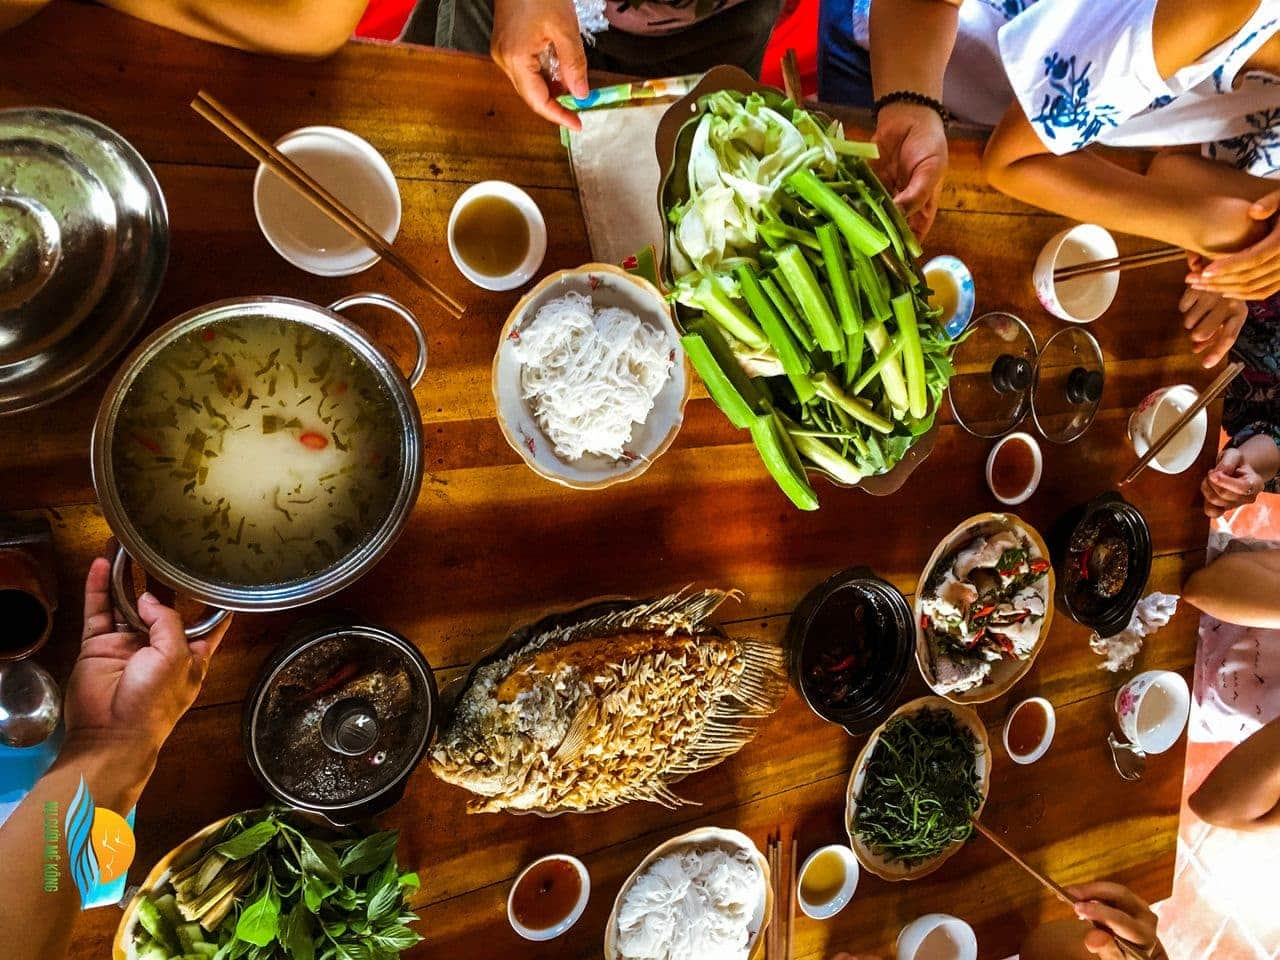 Bữa ăn dân dã miền Tây tại Cồn Sơn - Tour Cần Thơ 2 ngày 1 đêm